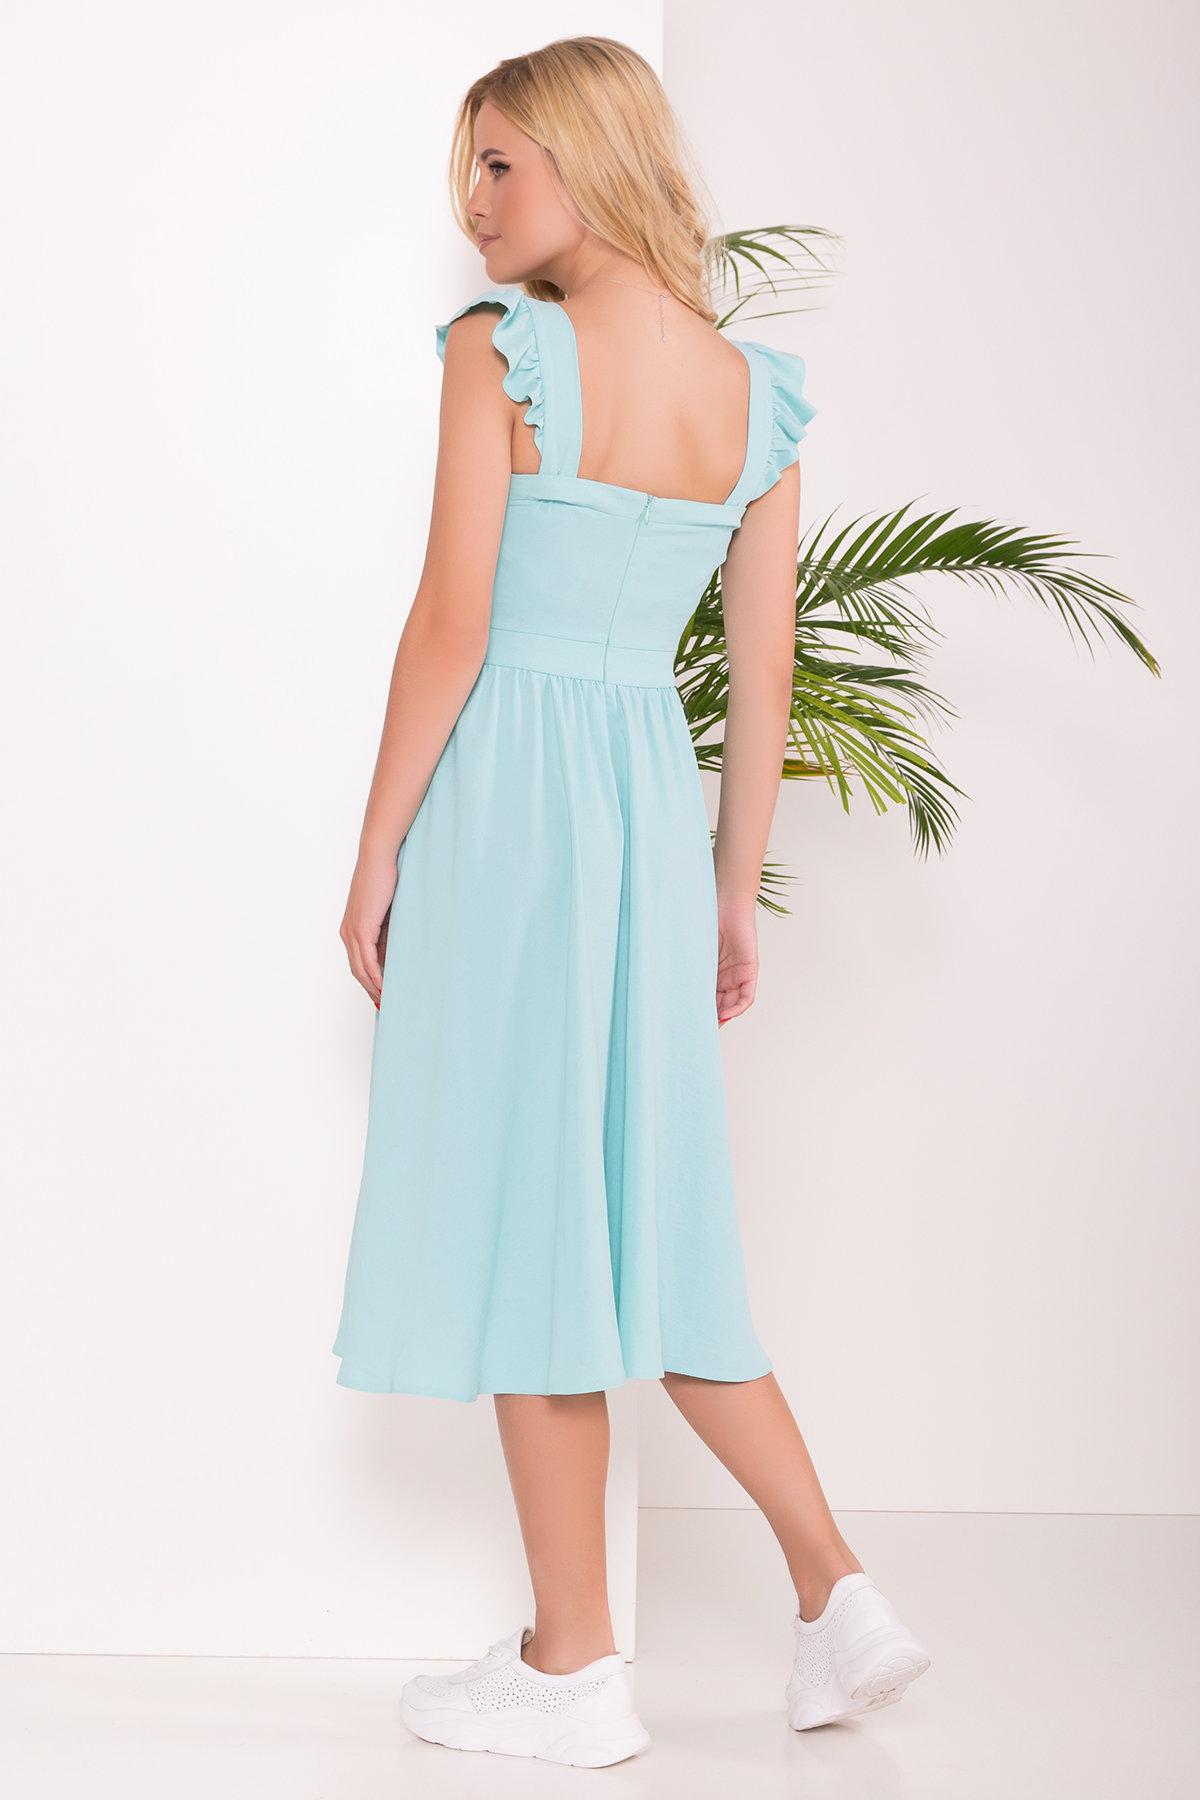 Платье Ундина 7410 АРТ. 43412 Цвет: Мята 10 - фото 4, интернет магазин tm-modus.ru